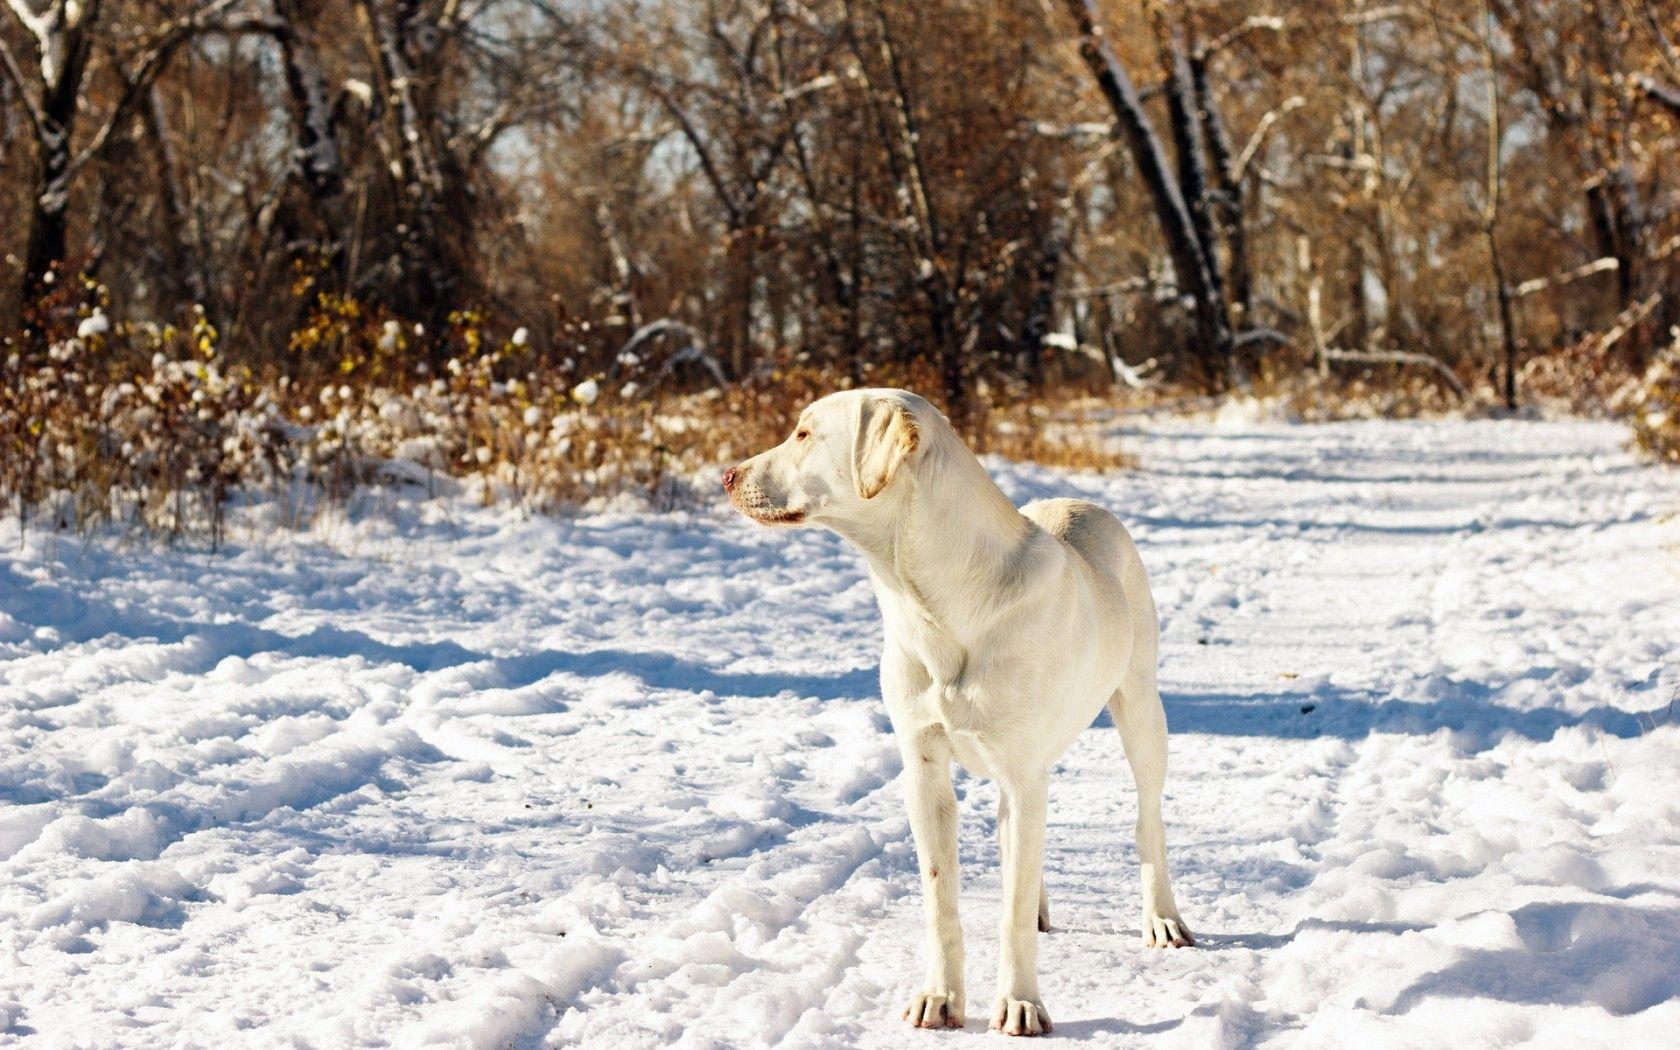 150619 скачать обои Животные, Собака, Друг, Снег, Осень - заставки и картинки бесплатно